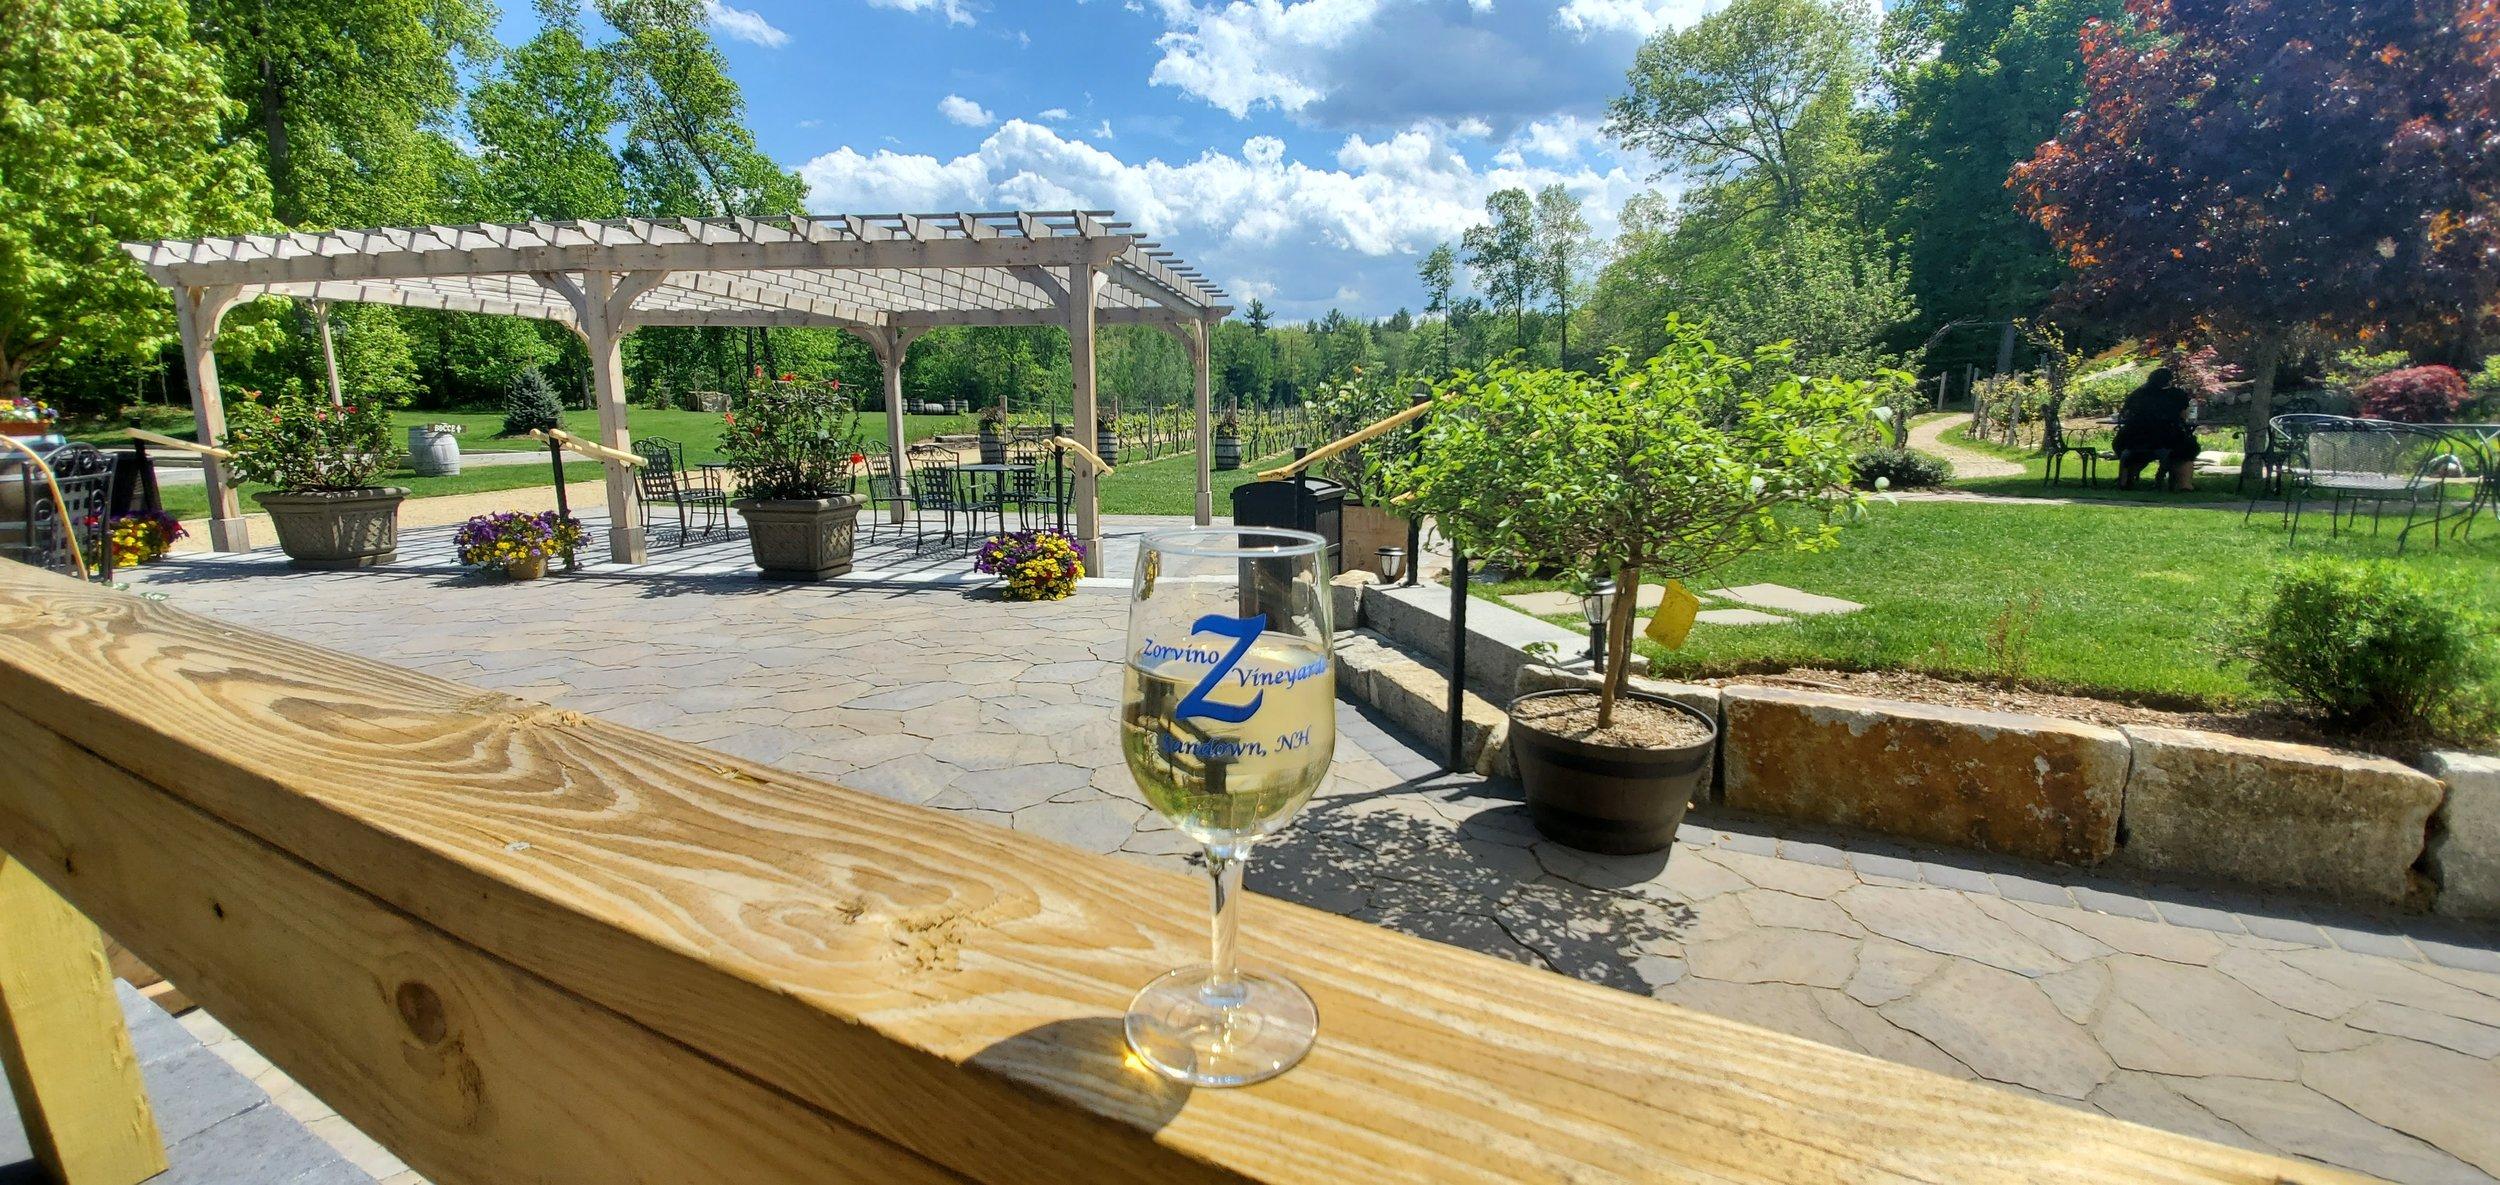 New Hampshire Vineyard